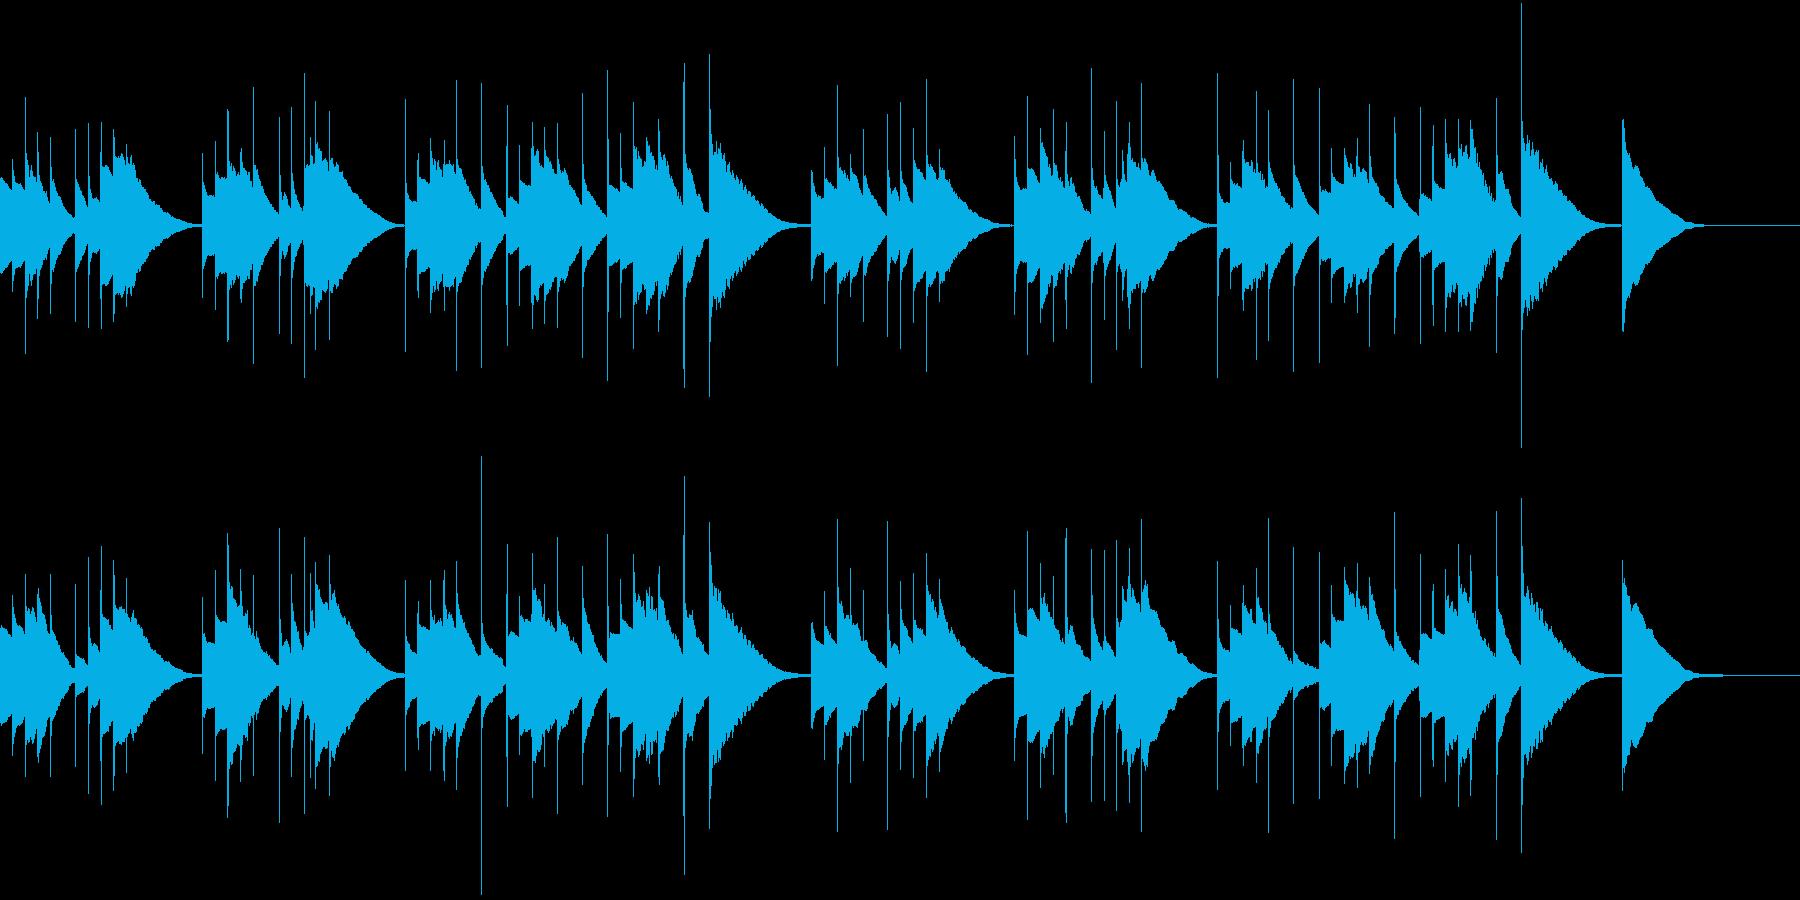 オルゴールを使ったとても悲しい雰囲気の曲の再生済みの波形